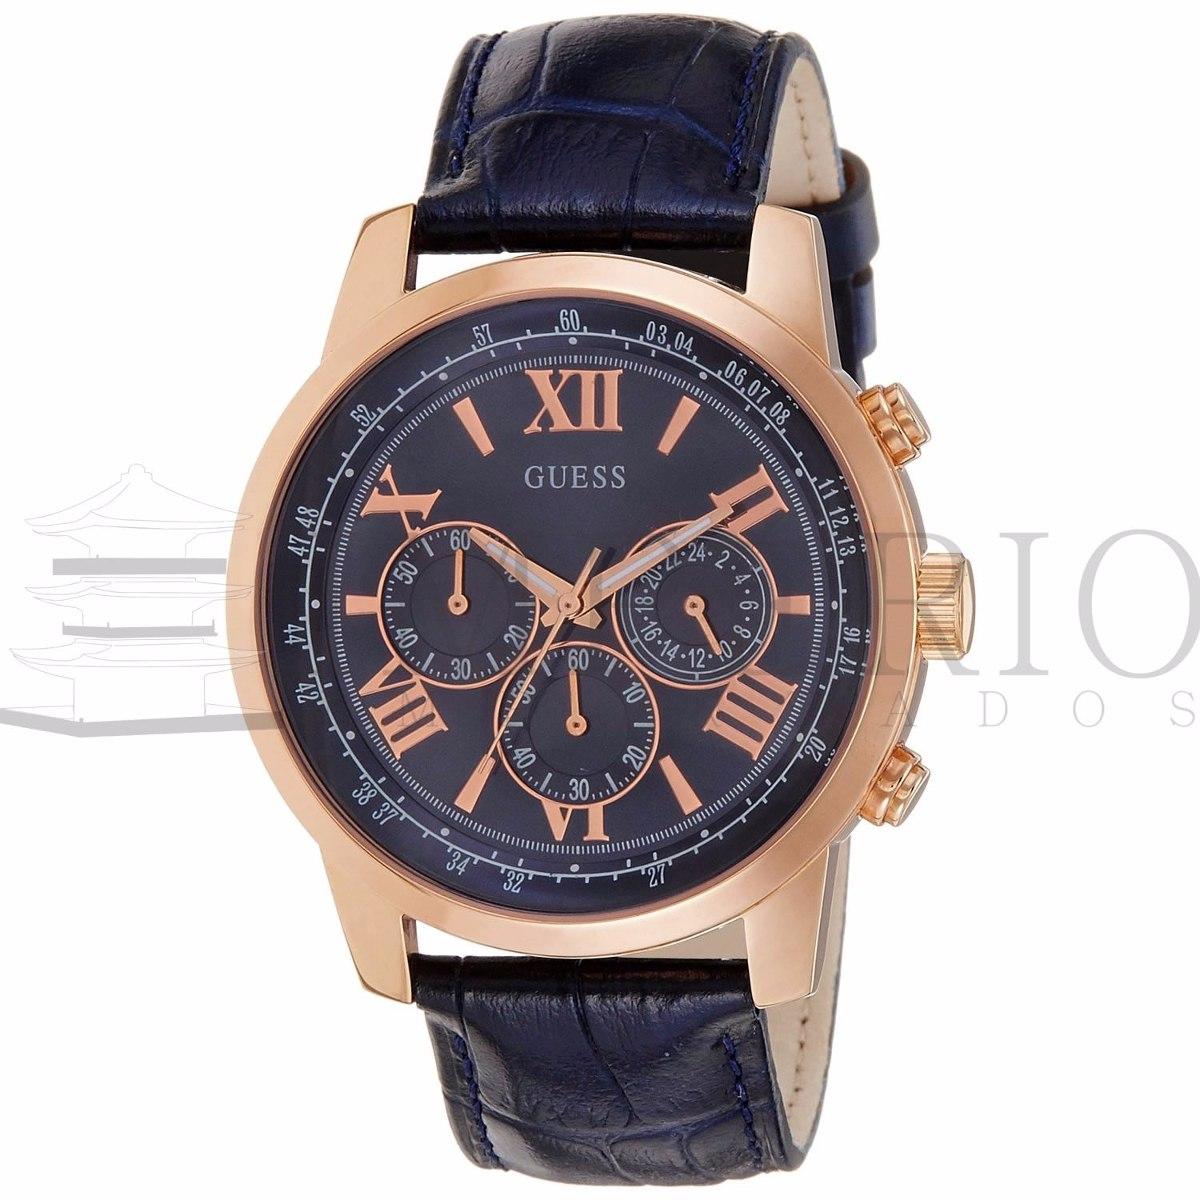 e4c35d872e2 relógio guess w0380g5 masculino couro azul 100% original. Carregando zoom.